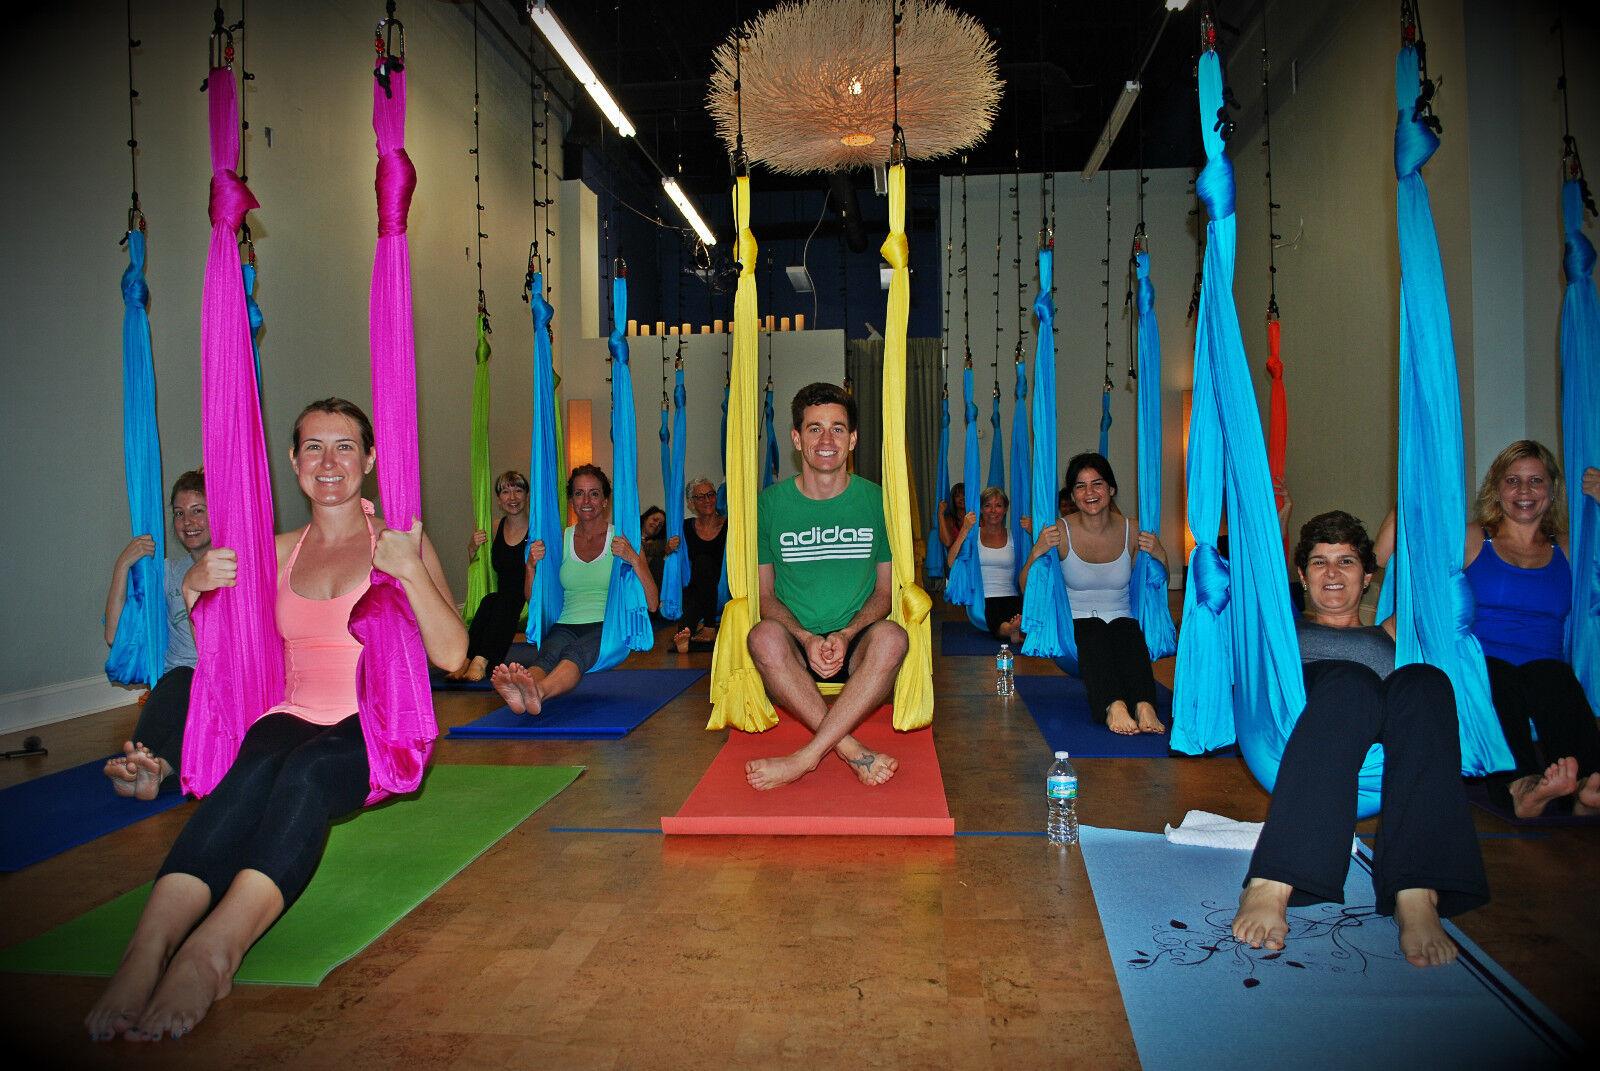 Deluxe Flying Yoga Hamaca Para Antena Yoga, AntiGravity, unnata, de inversión de diversión